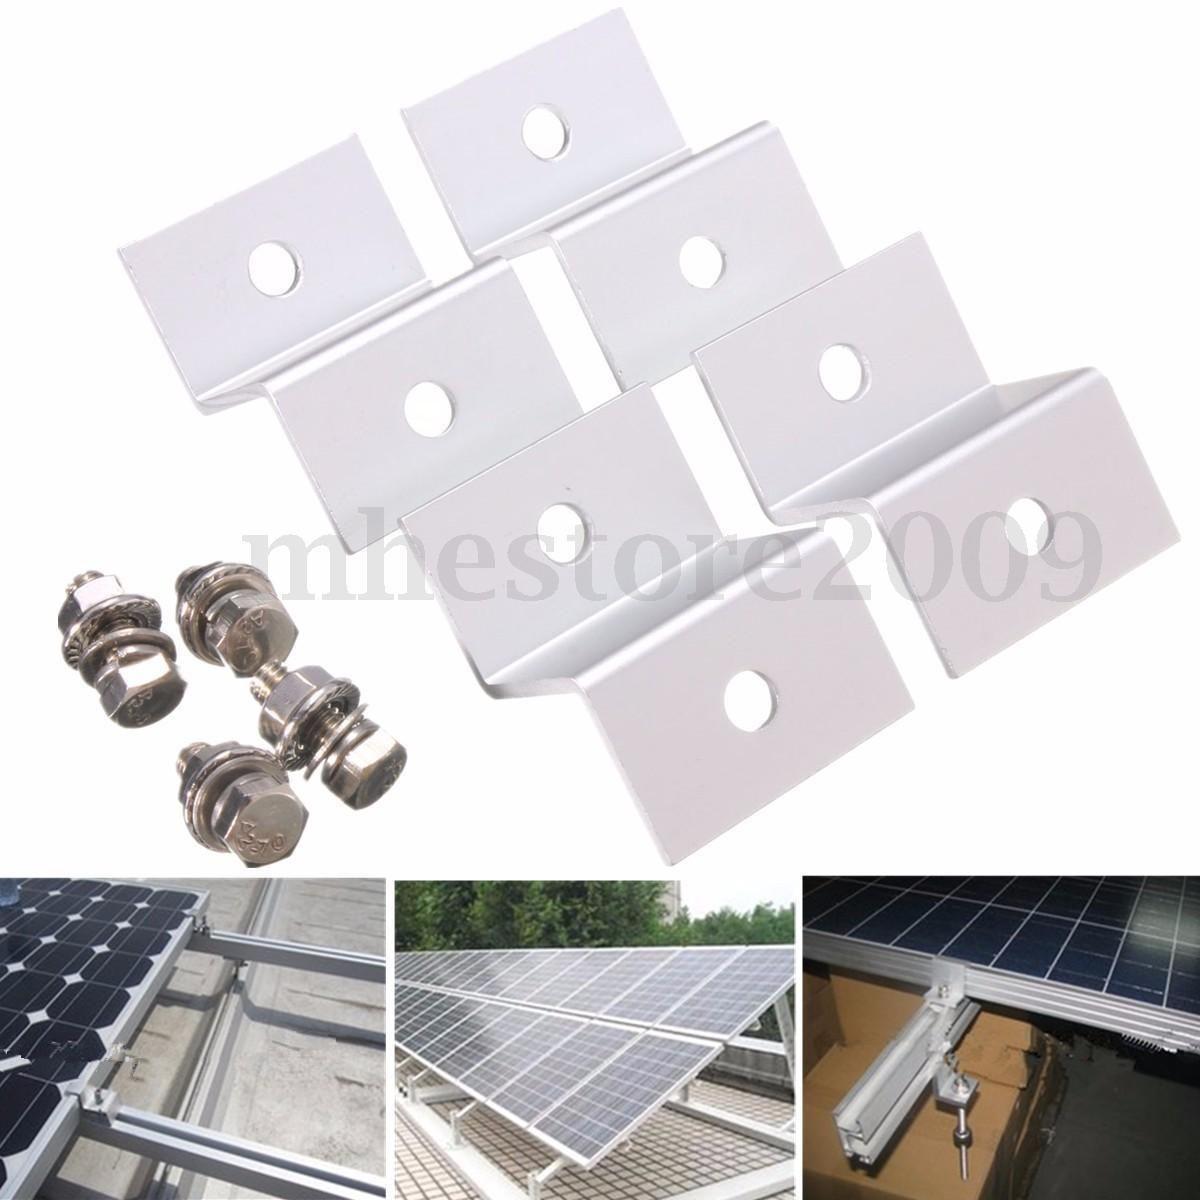 100w Flexible Solar Panel 12v Solar Cell Module System Car Marine Boat Battery Charger Led Sunpower In 2020 Solar Energy Panels Solar Technology Flexible Solar Panels